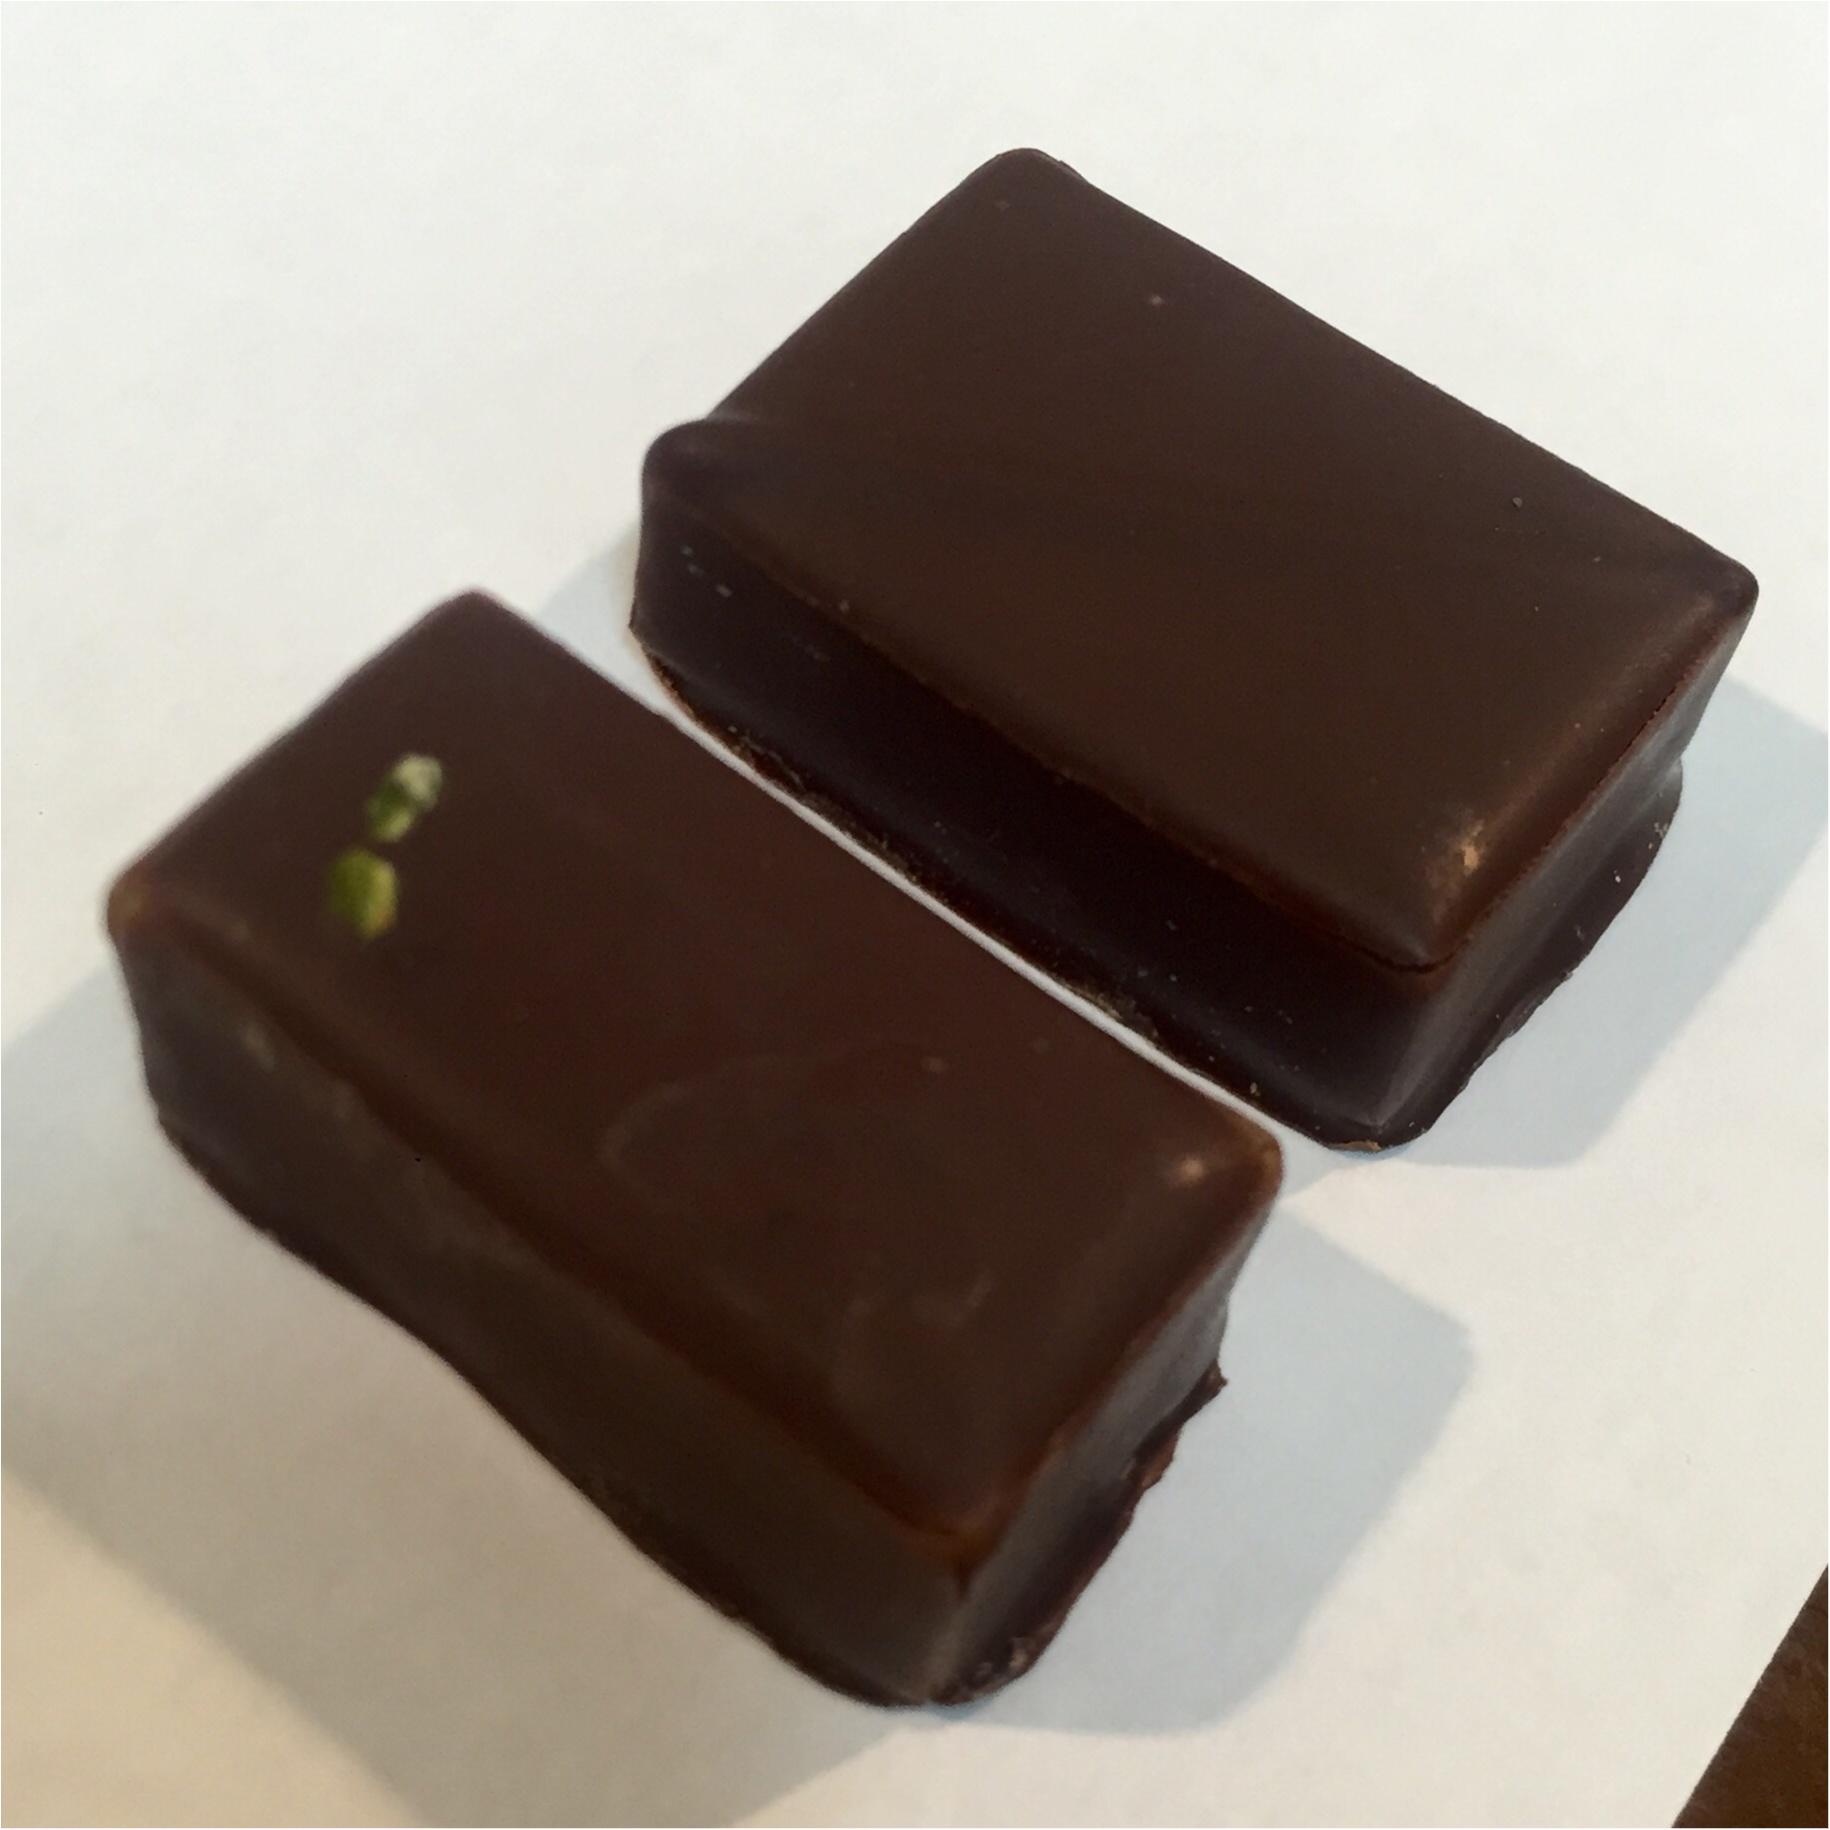 ショコラティエ パレ ド オール (CHOCOLATIER PALET D'OR)の繊細なチョコレート♡_3